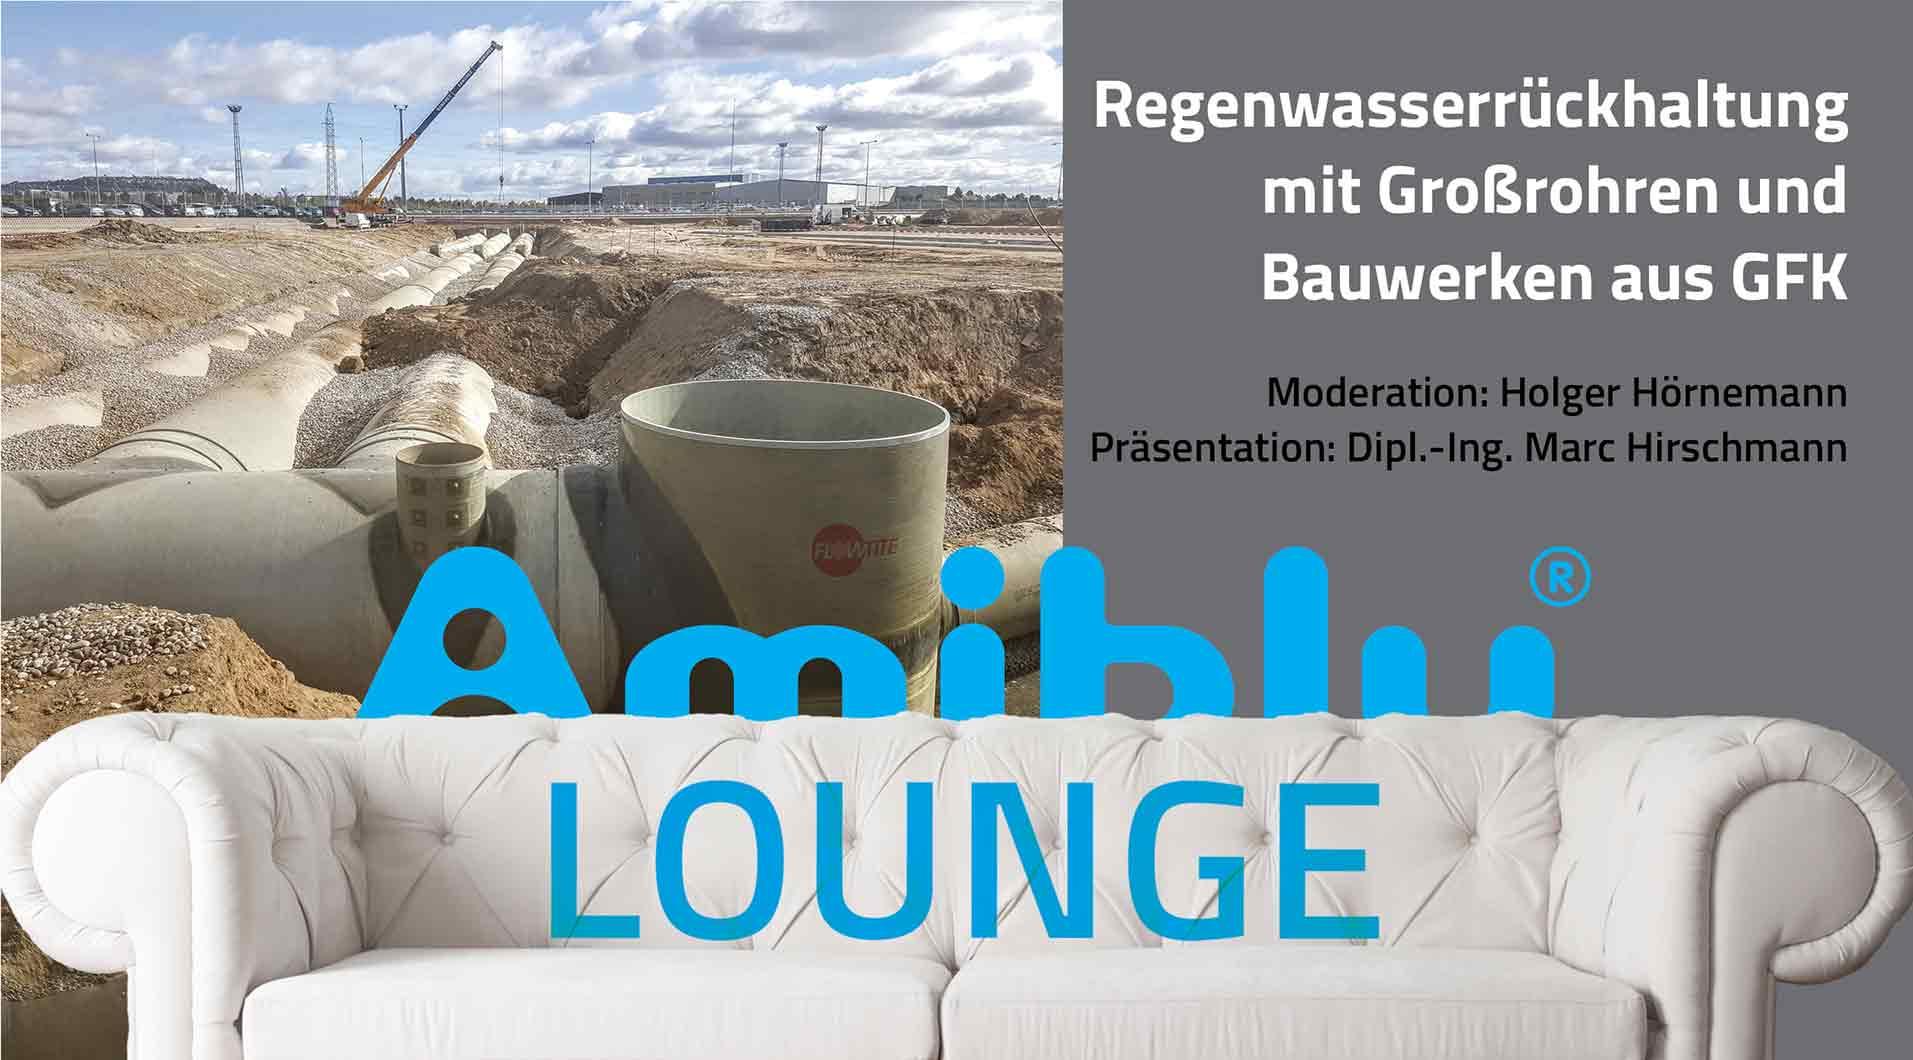 Lounge Regenwasserrueckhaltung